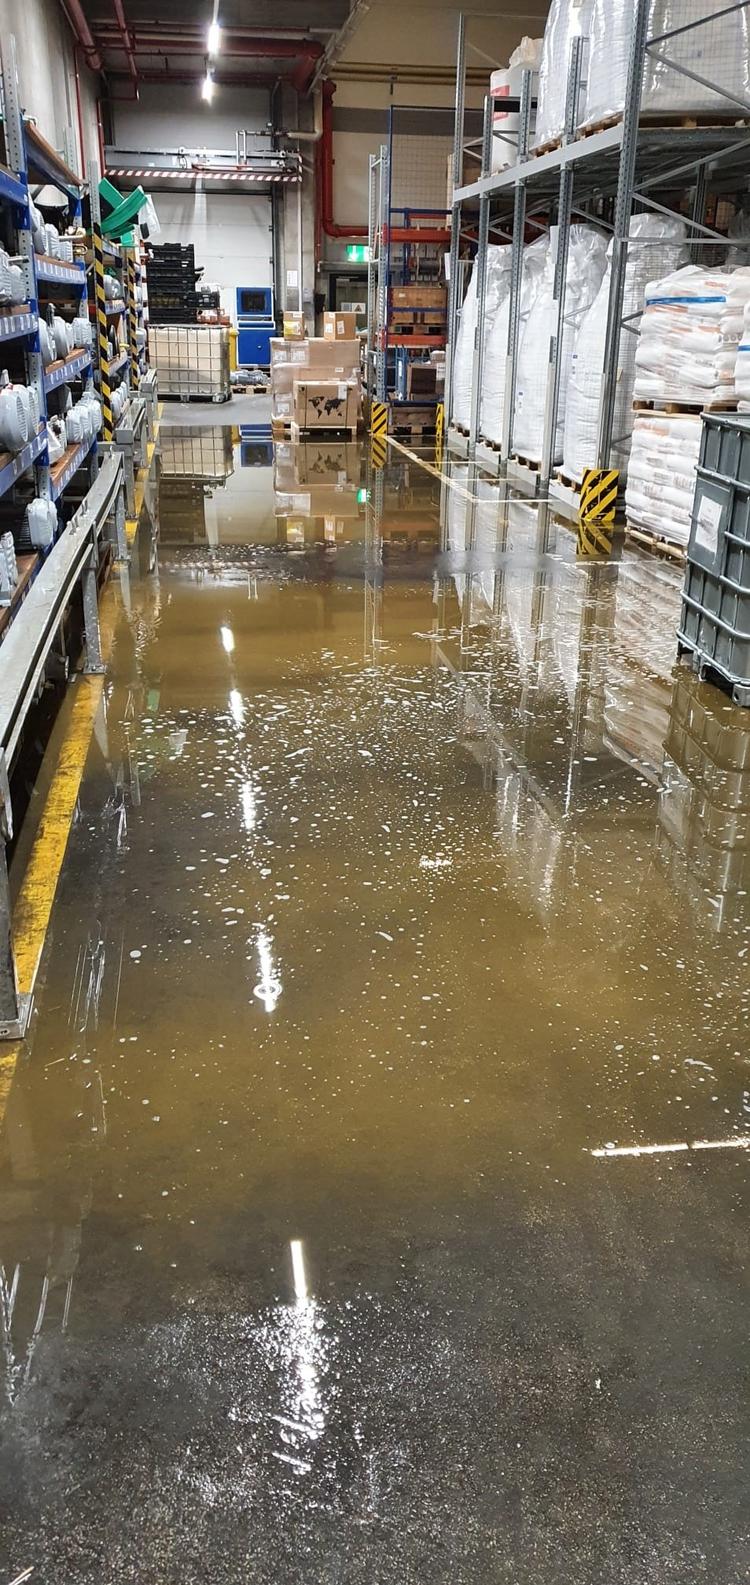 Wasser im Industriegebäude